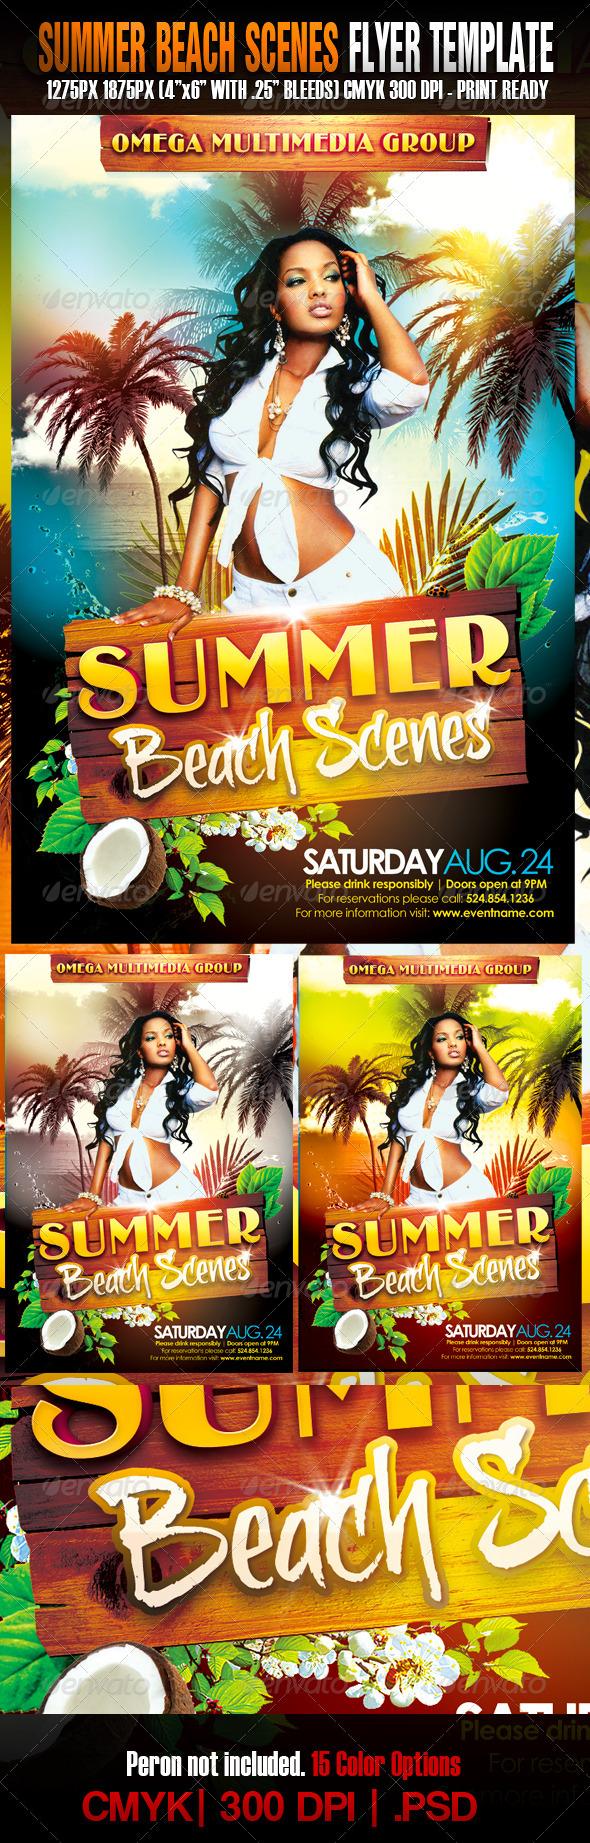 GraphicRiver The Summer Beach Scenes 1485935